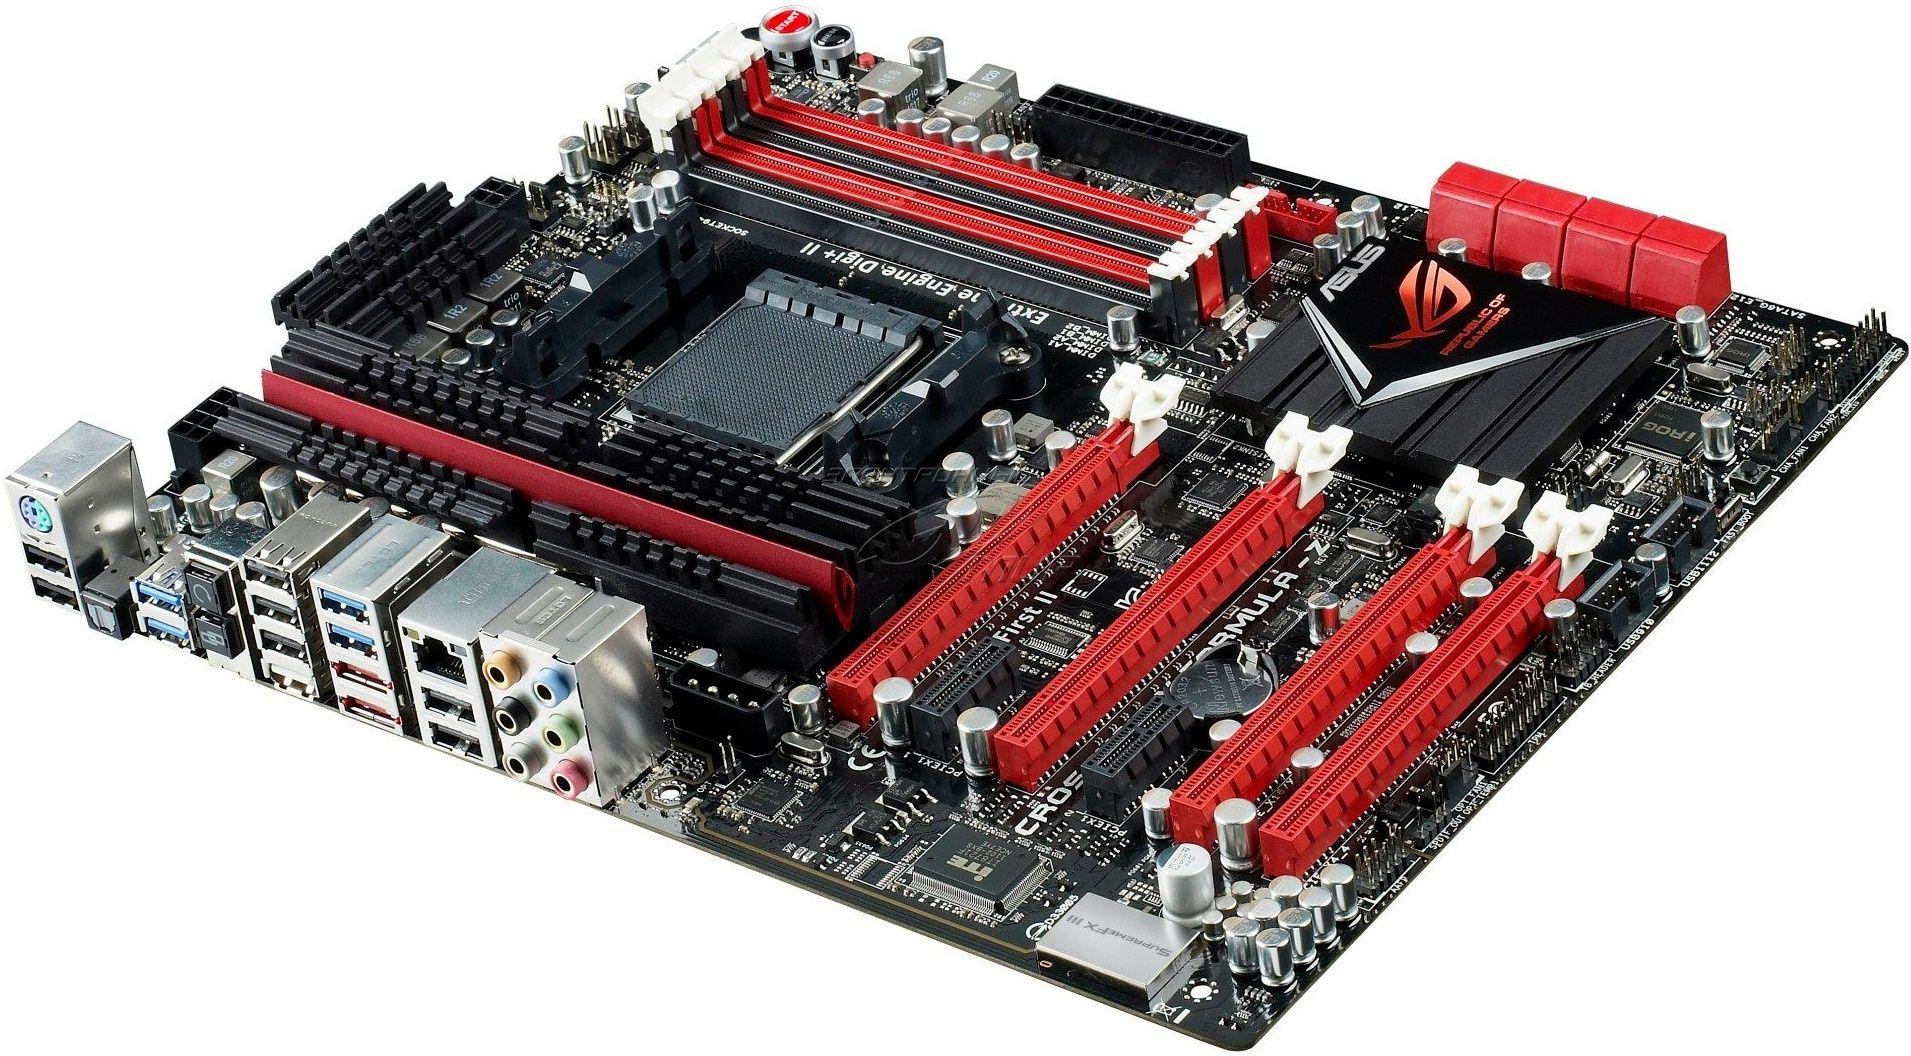 Asus Crosshair V Formula Server Motherboard Last